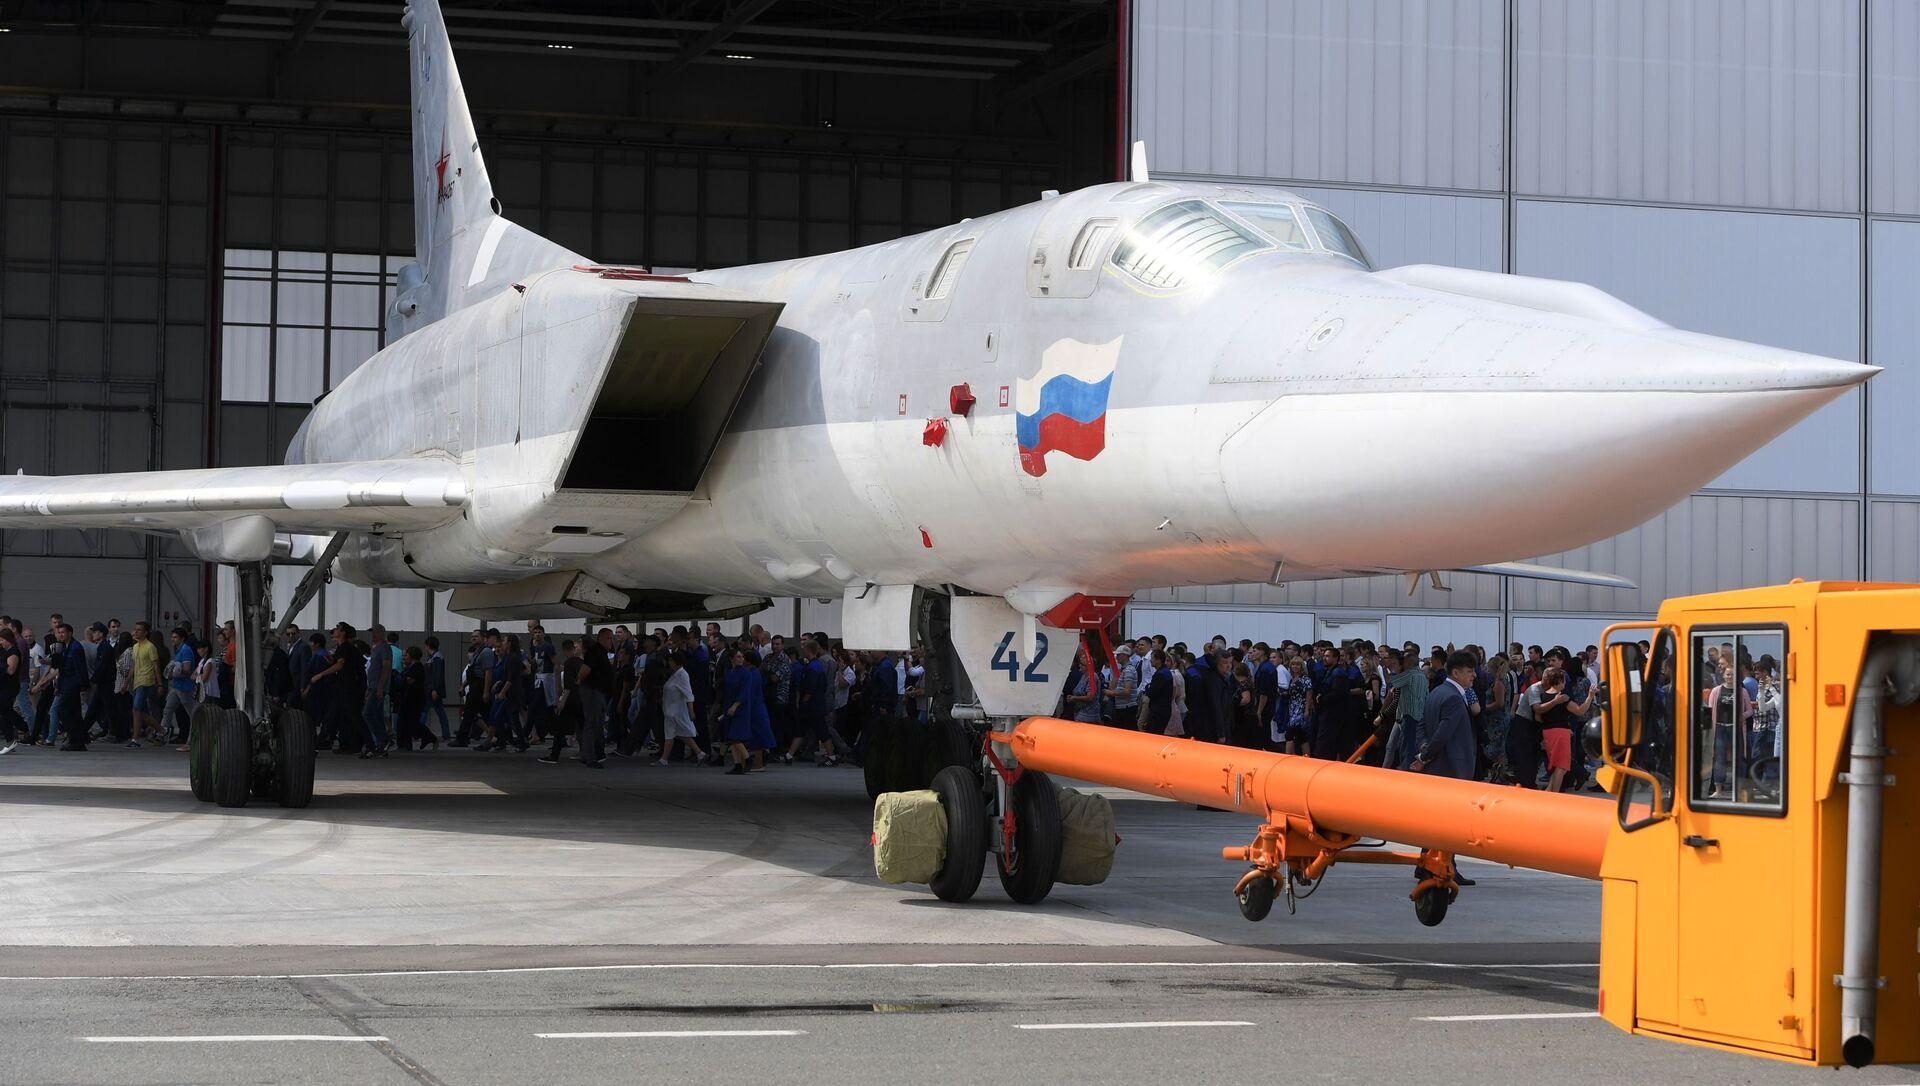 Bombardér Tu-22M3M v Kazani opouští hangár - Sputnik Česká republika, 1920, 23.03.2021